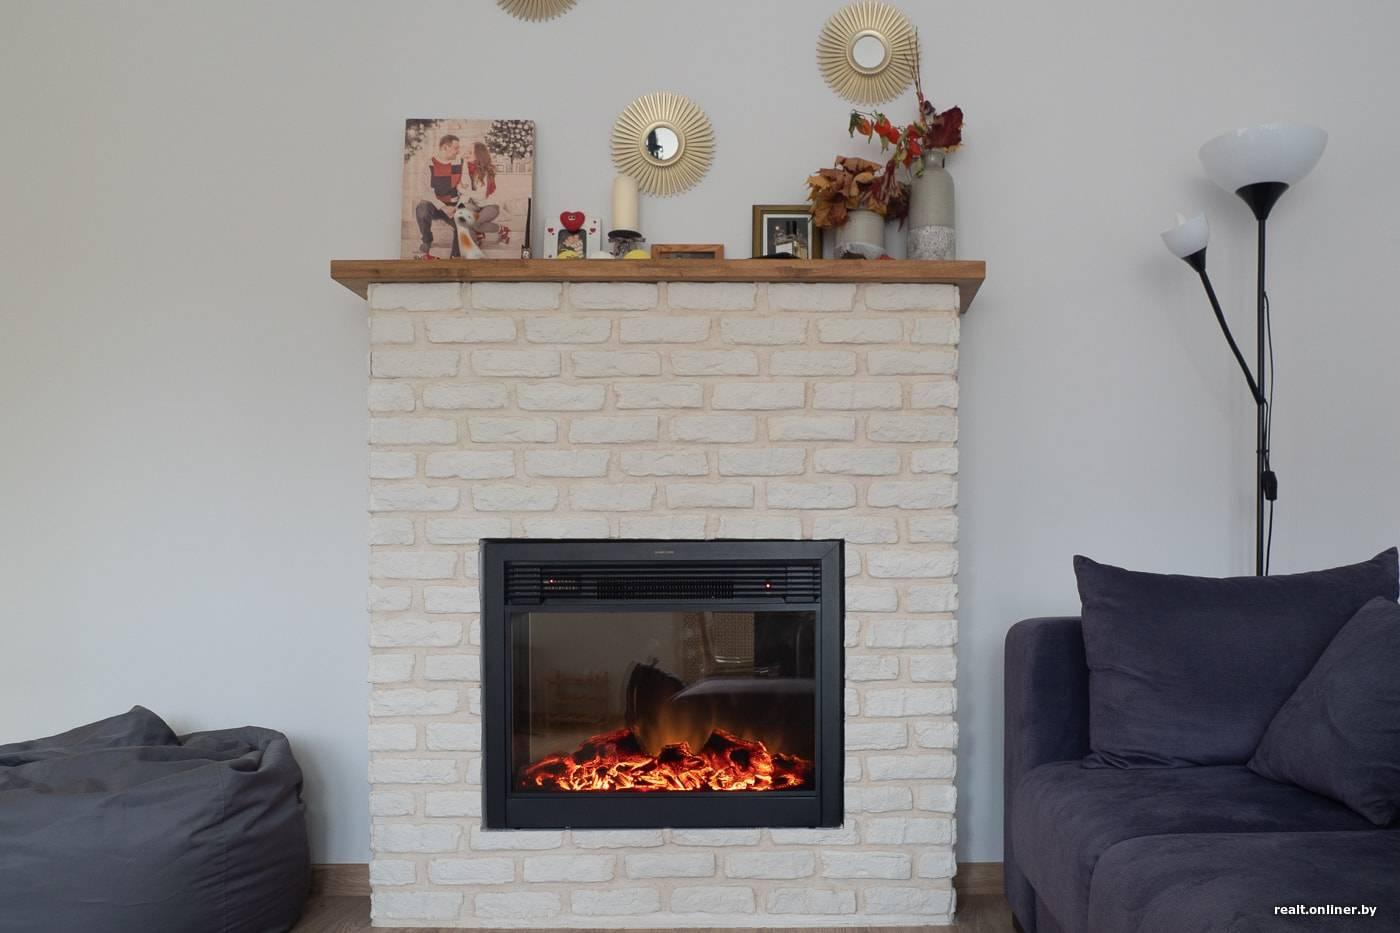 Как выбрать электрокамин для дома или квартиры, основные критерии